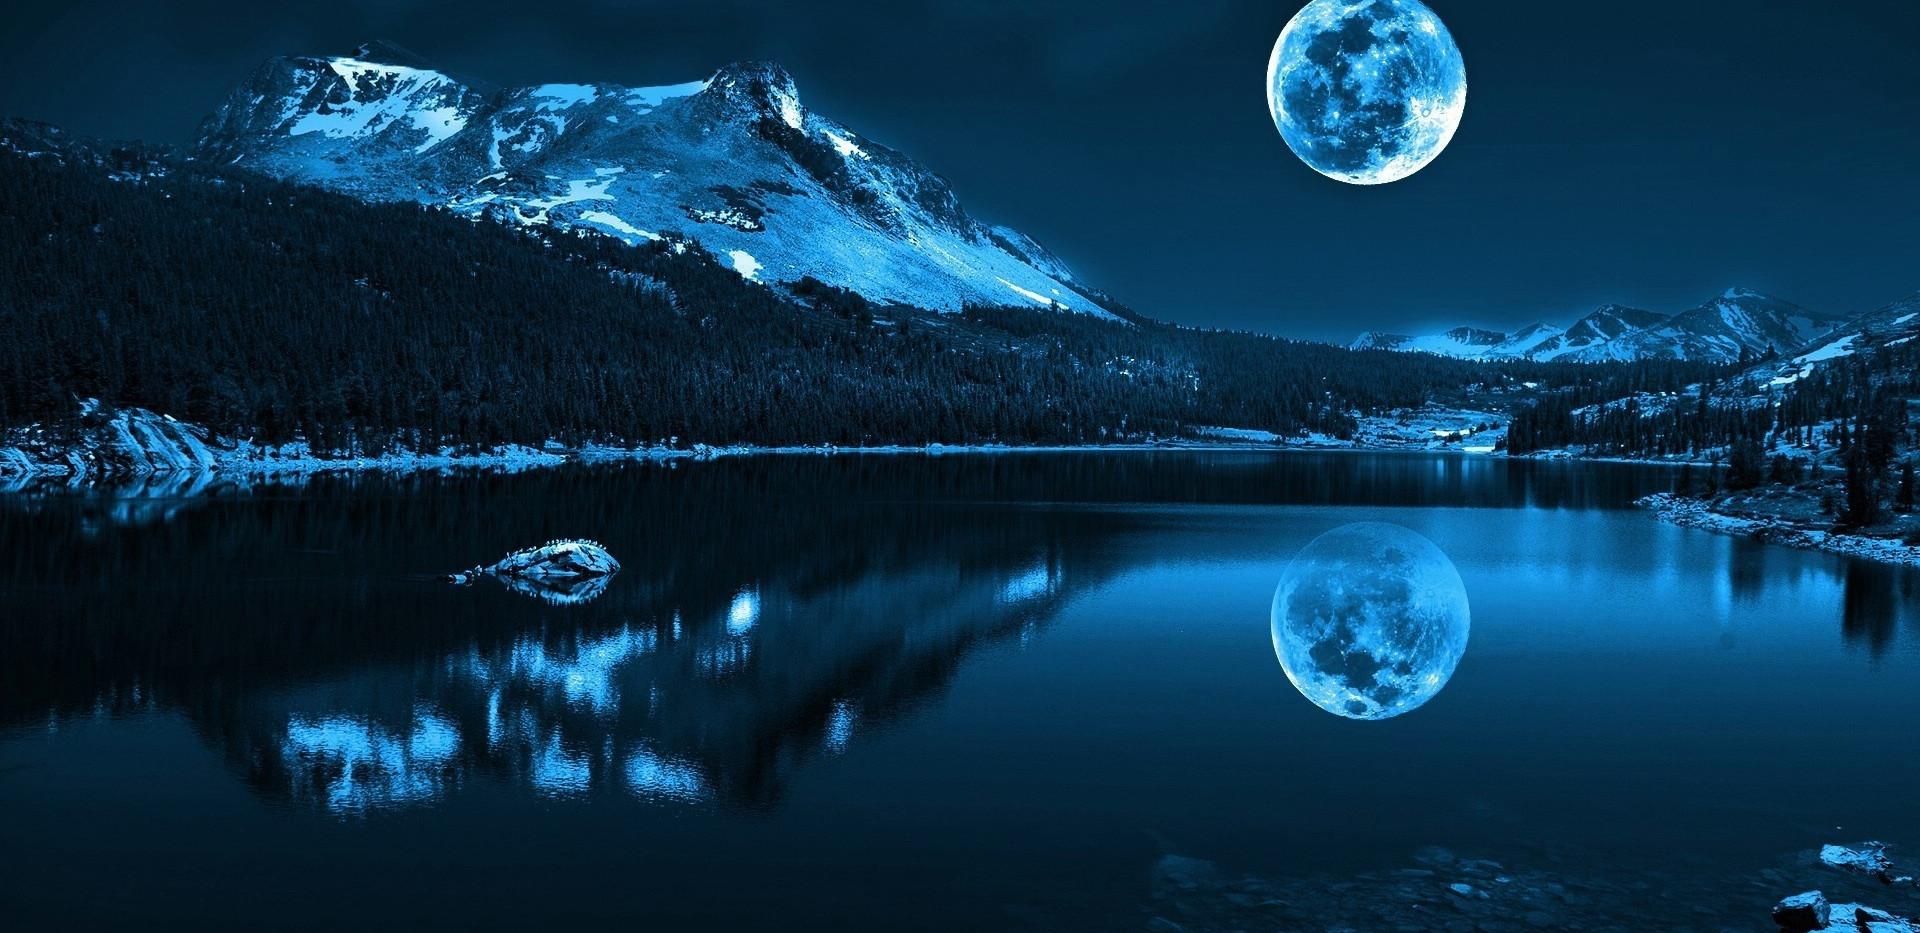 Full Moon Over Lake